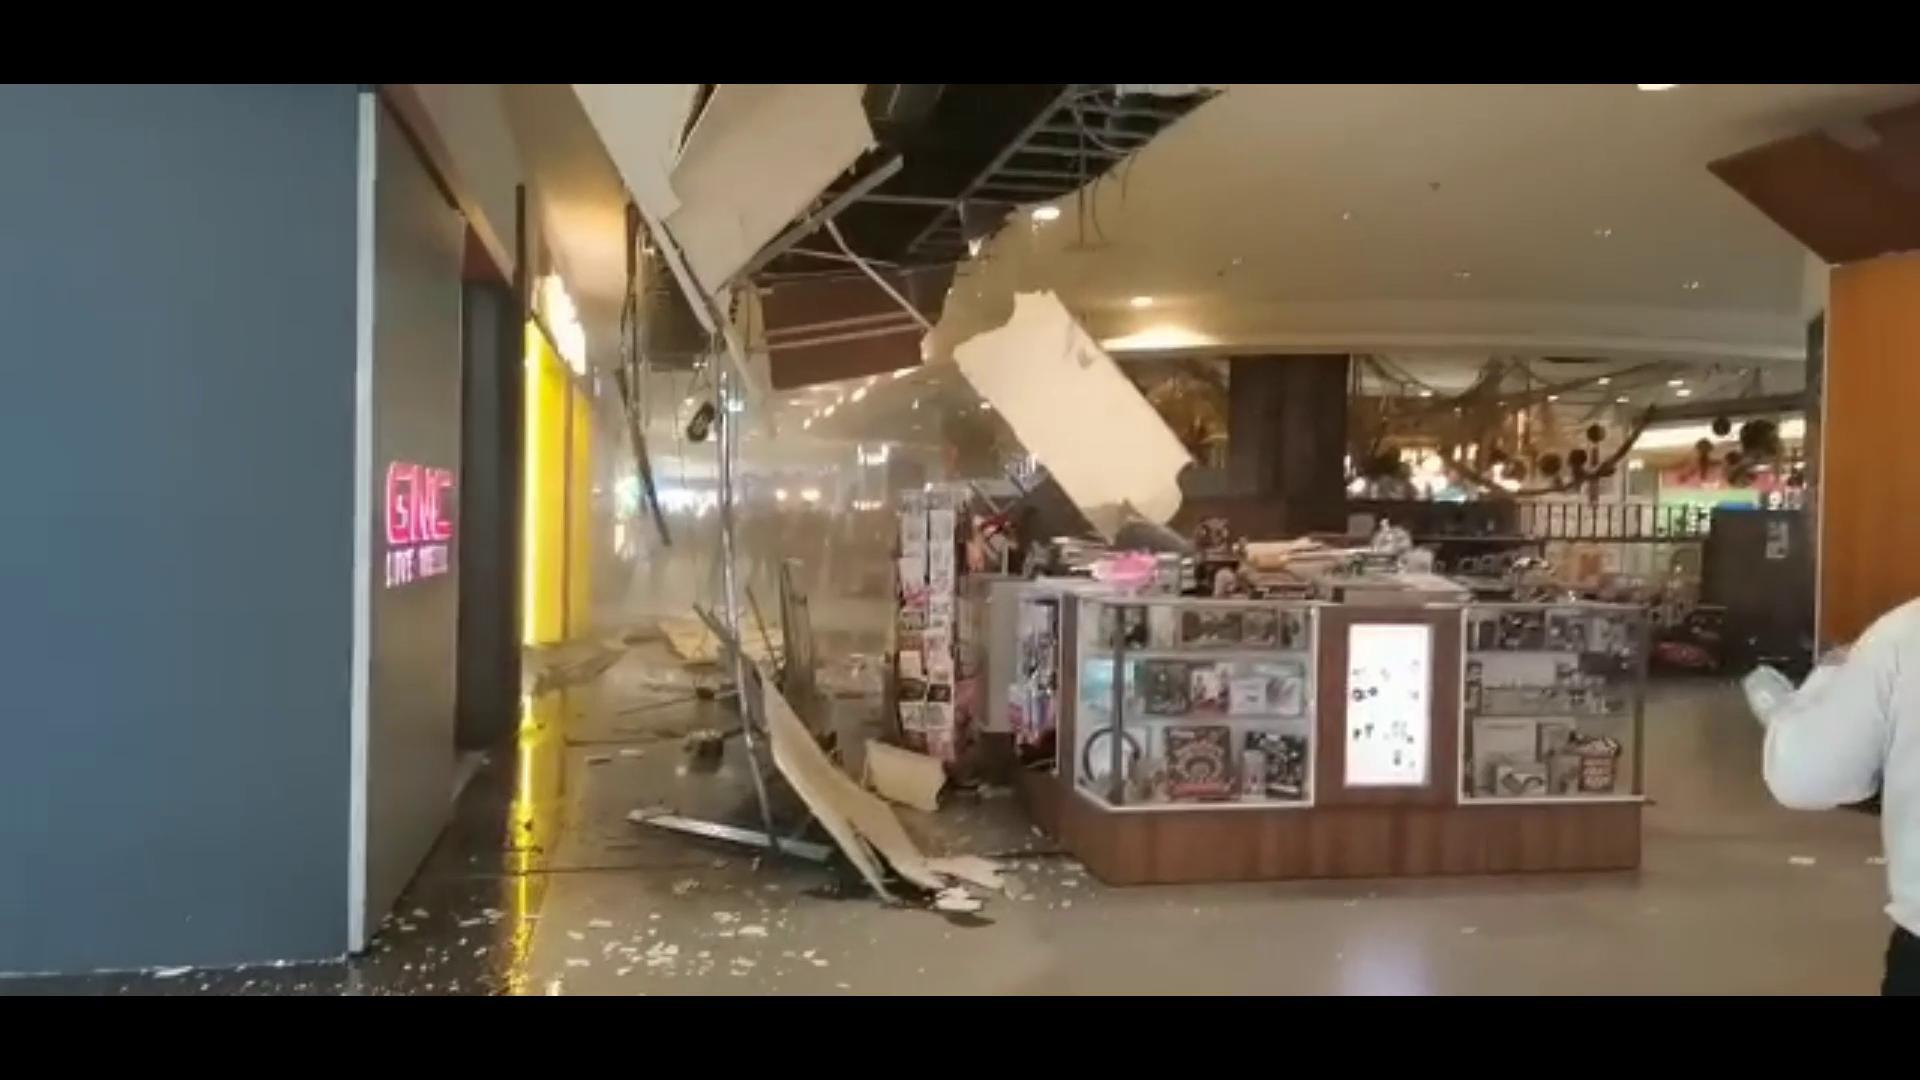 Tavanul unui mall din Cluj s-a prăbușit peste un stand sub ochii clienților. VIDEO